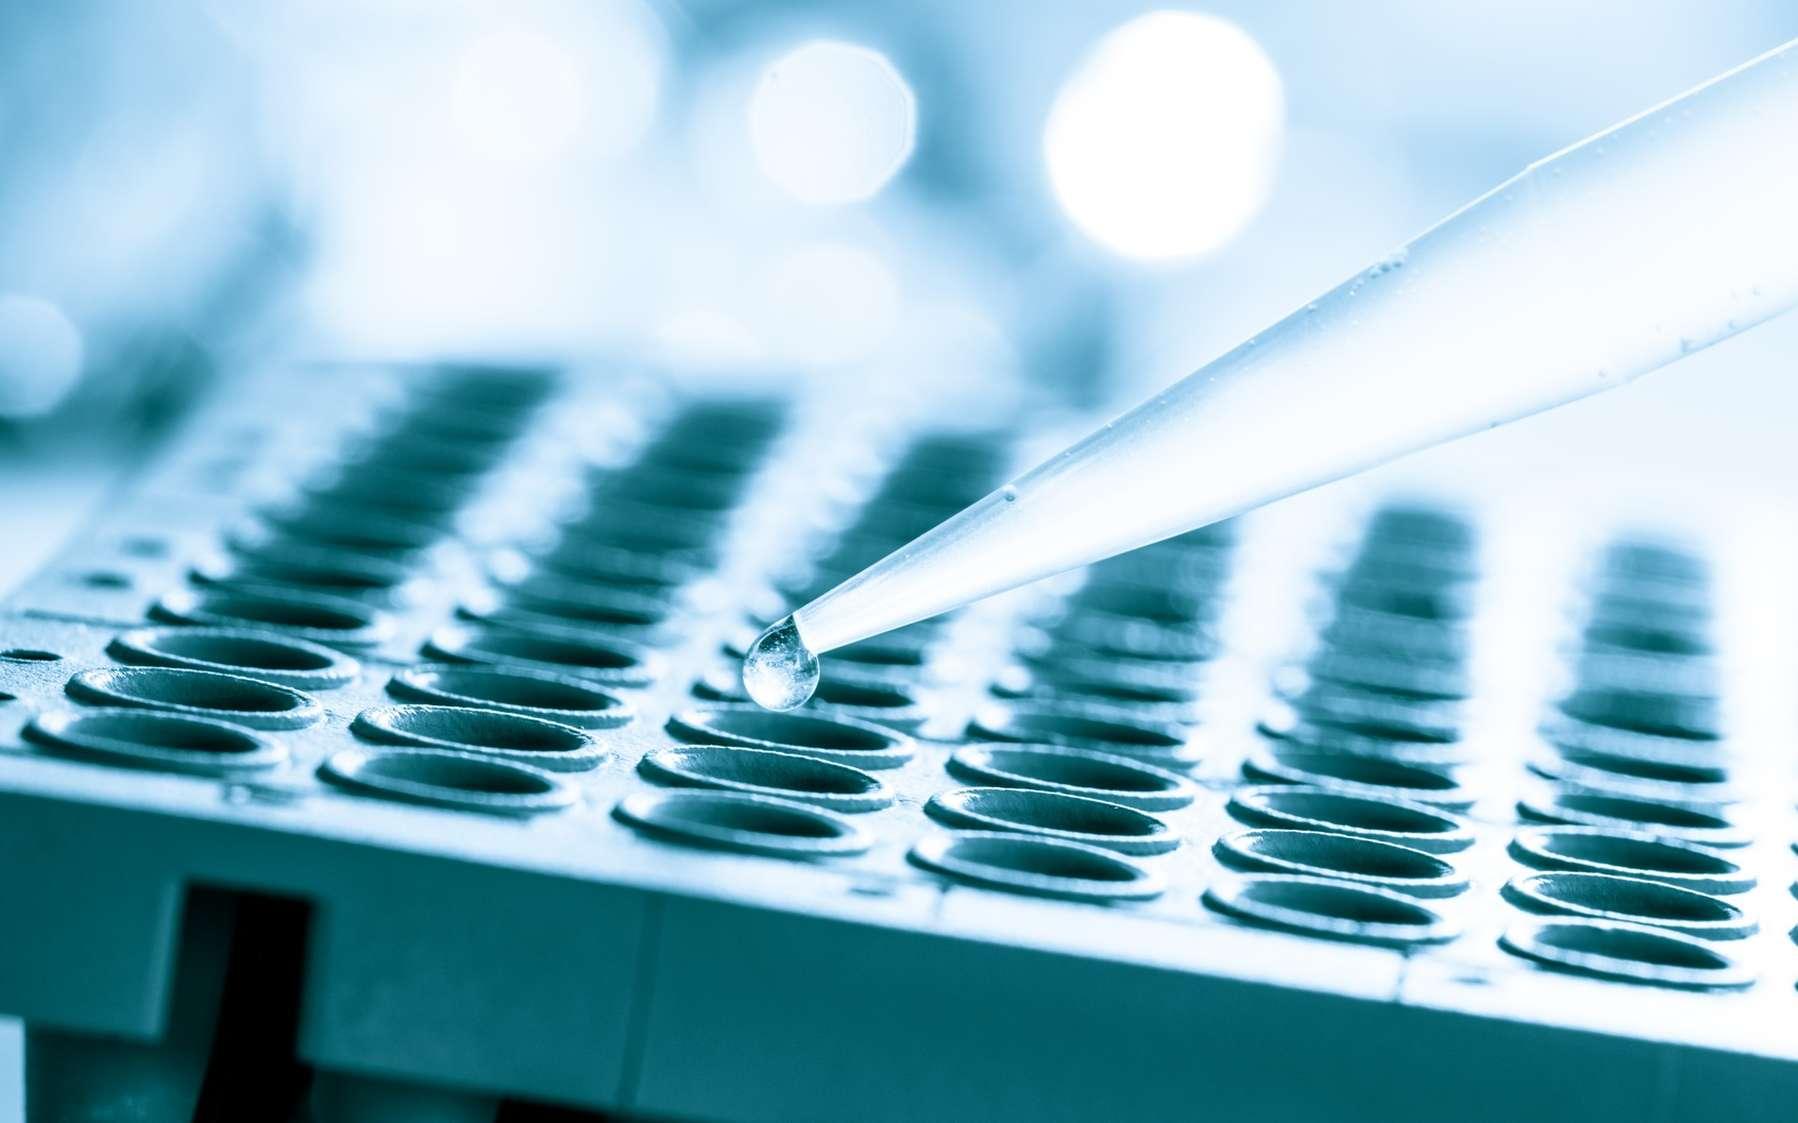 Dans ce protocole, les scientifiques ont modifié génétiquement des cellules d'un donneur. © science photo, Fotolia